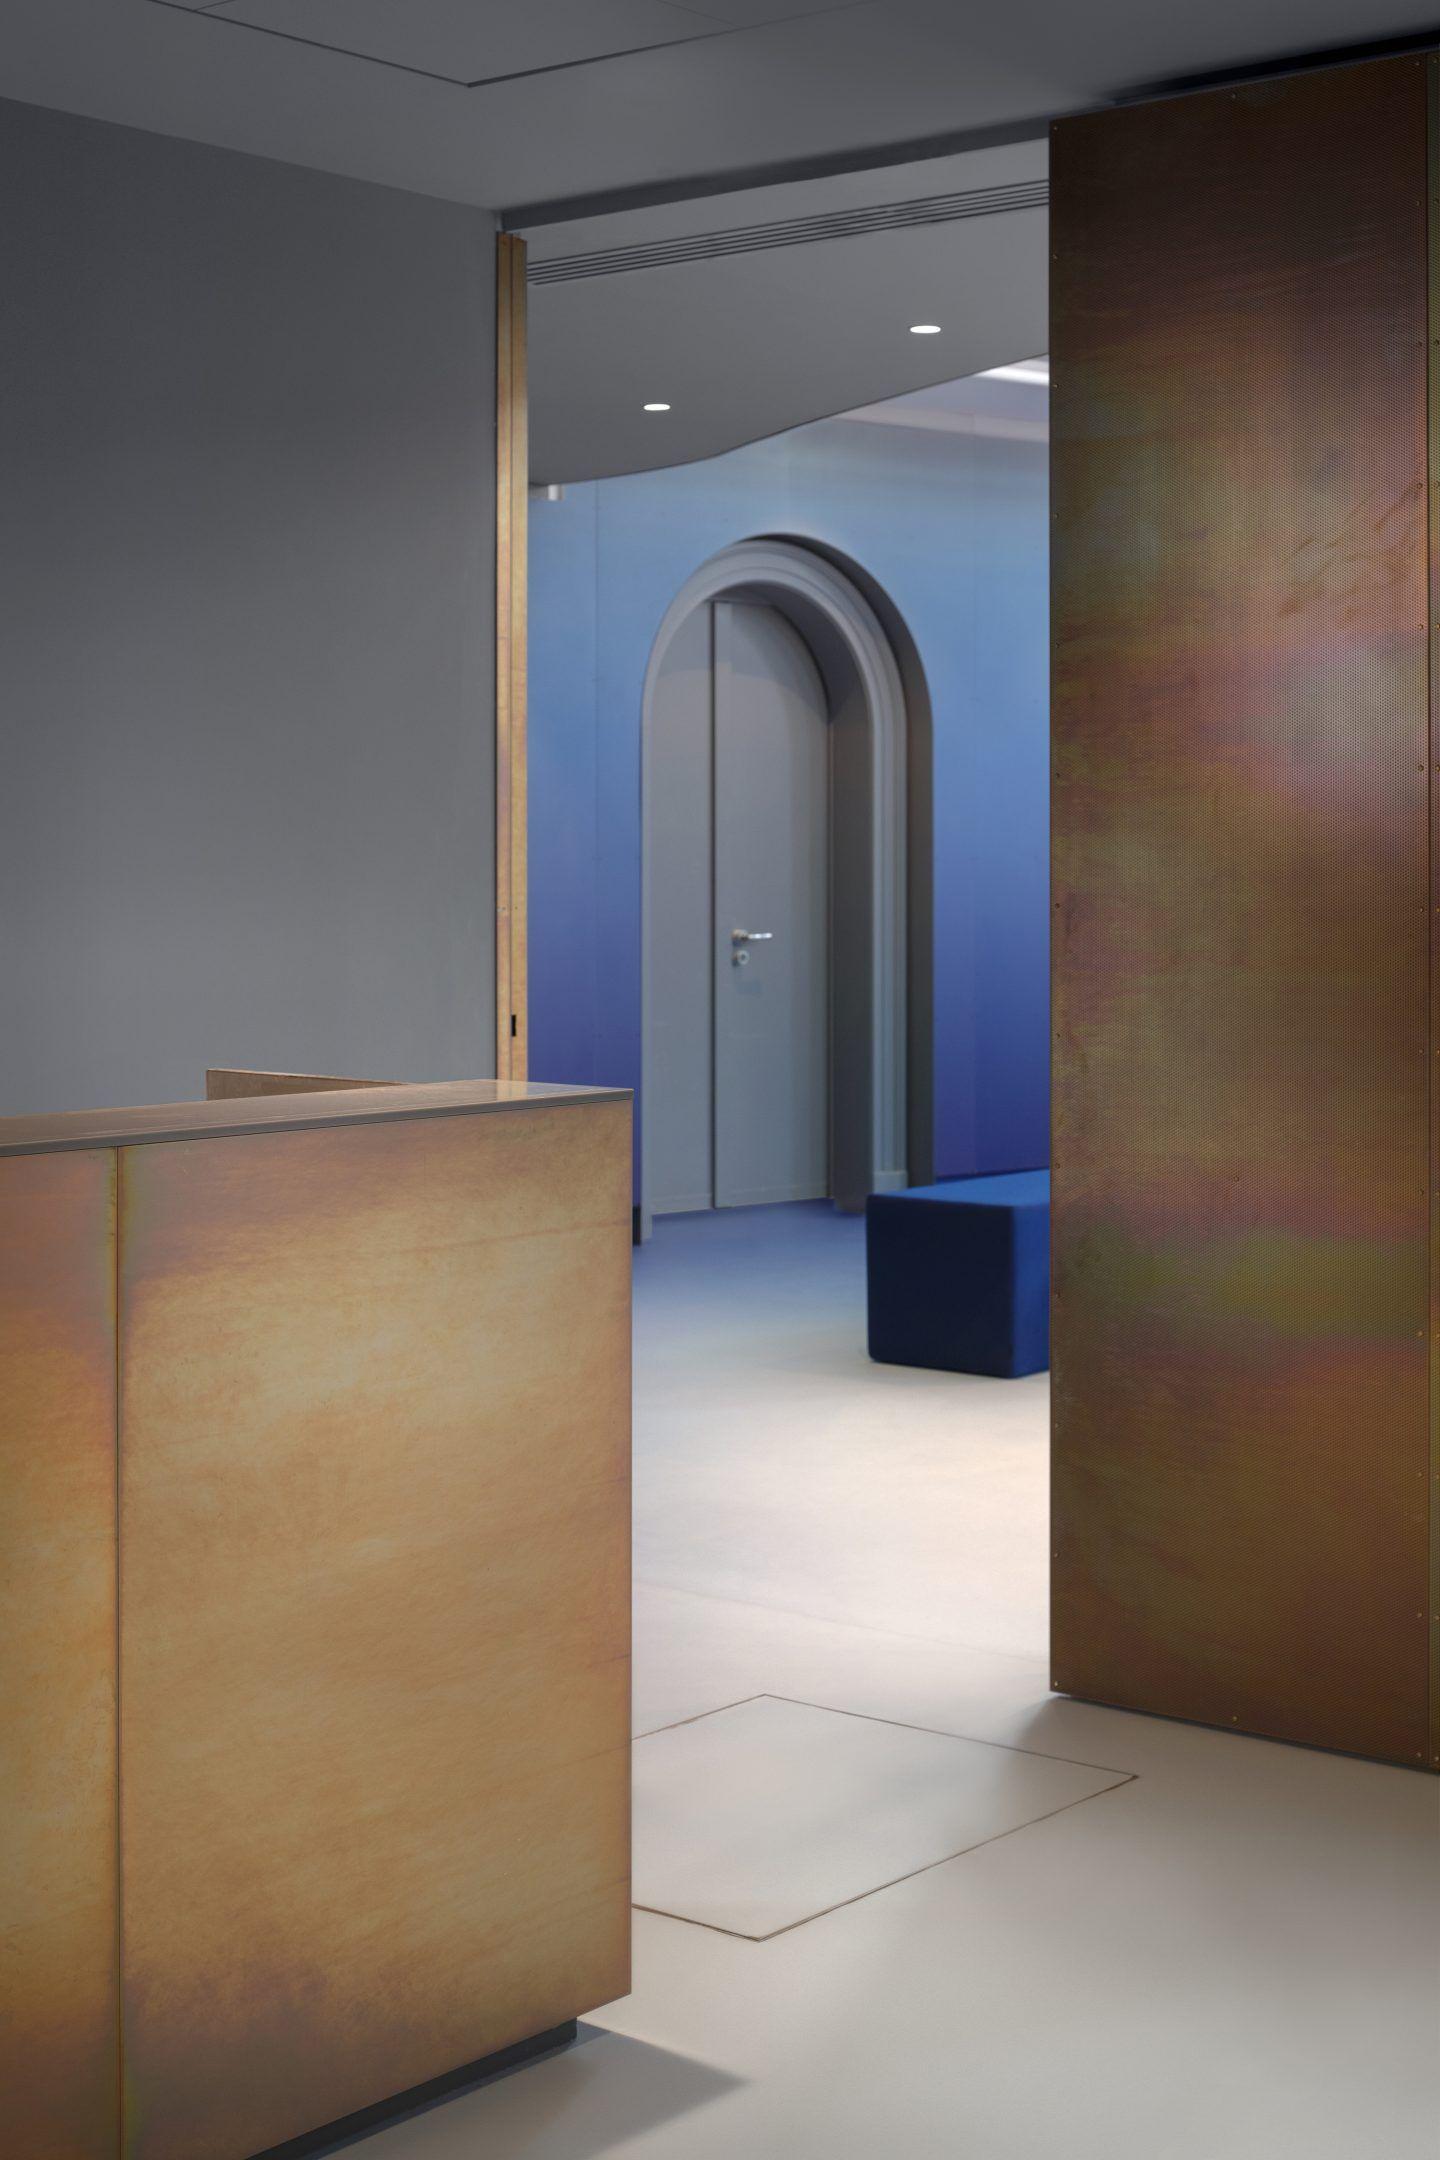 IGNANT-Design-FelixMeritis-23